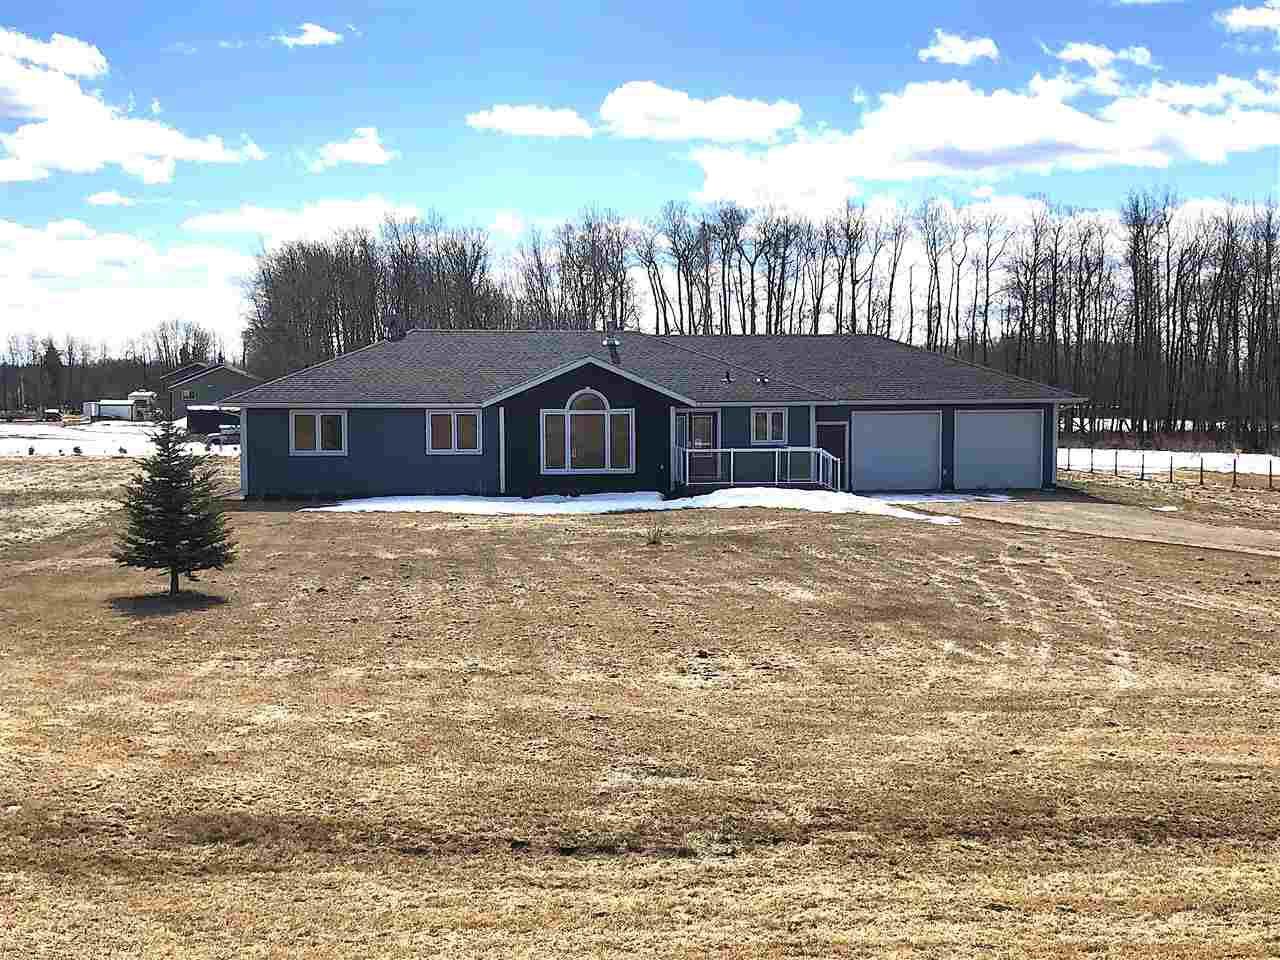 Main Photo: 4925 Park Crescent: Rural Bonnyville M.D. House for sale : MLS®# E4151378